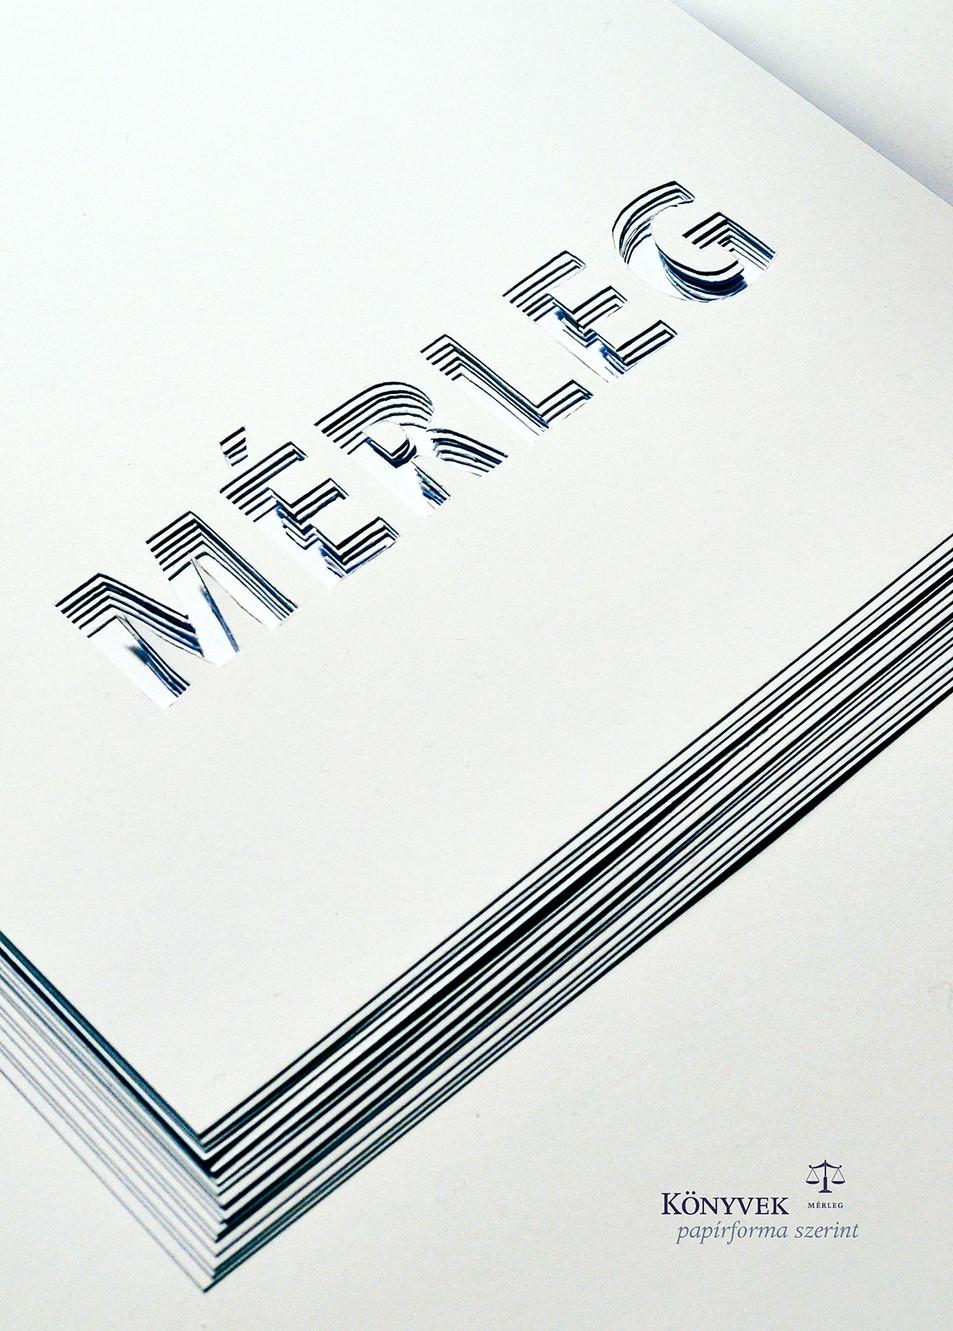 Mérleg könyvek poster design